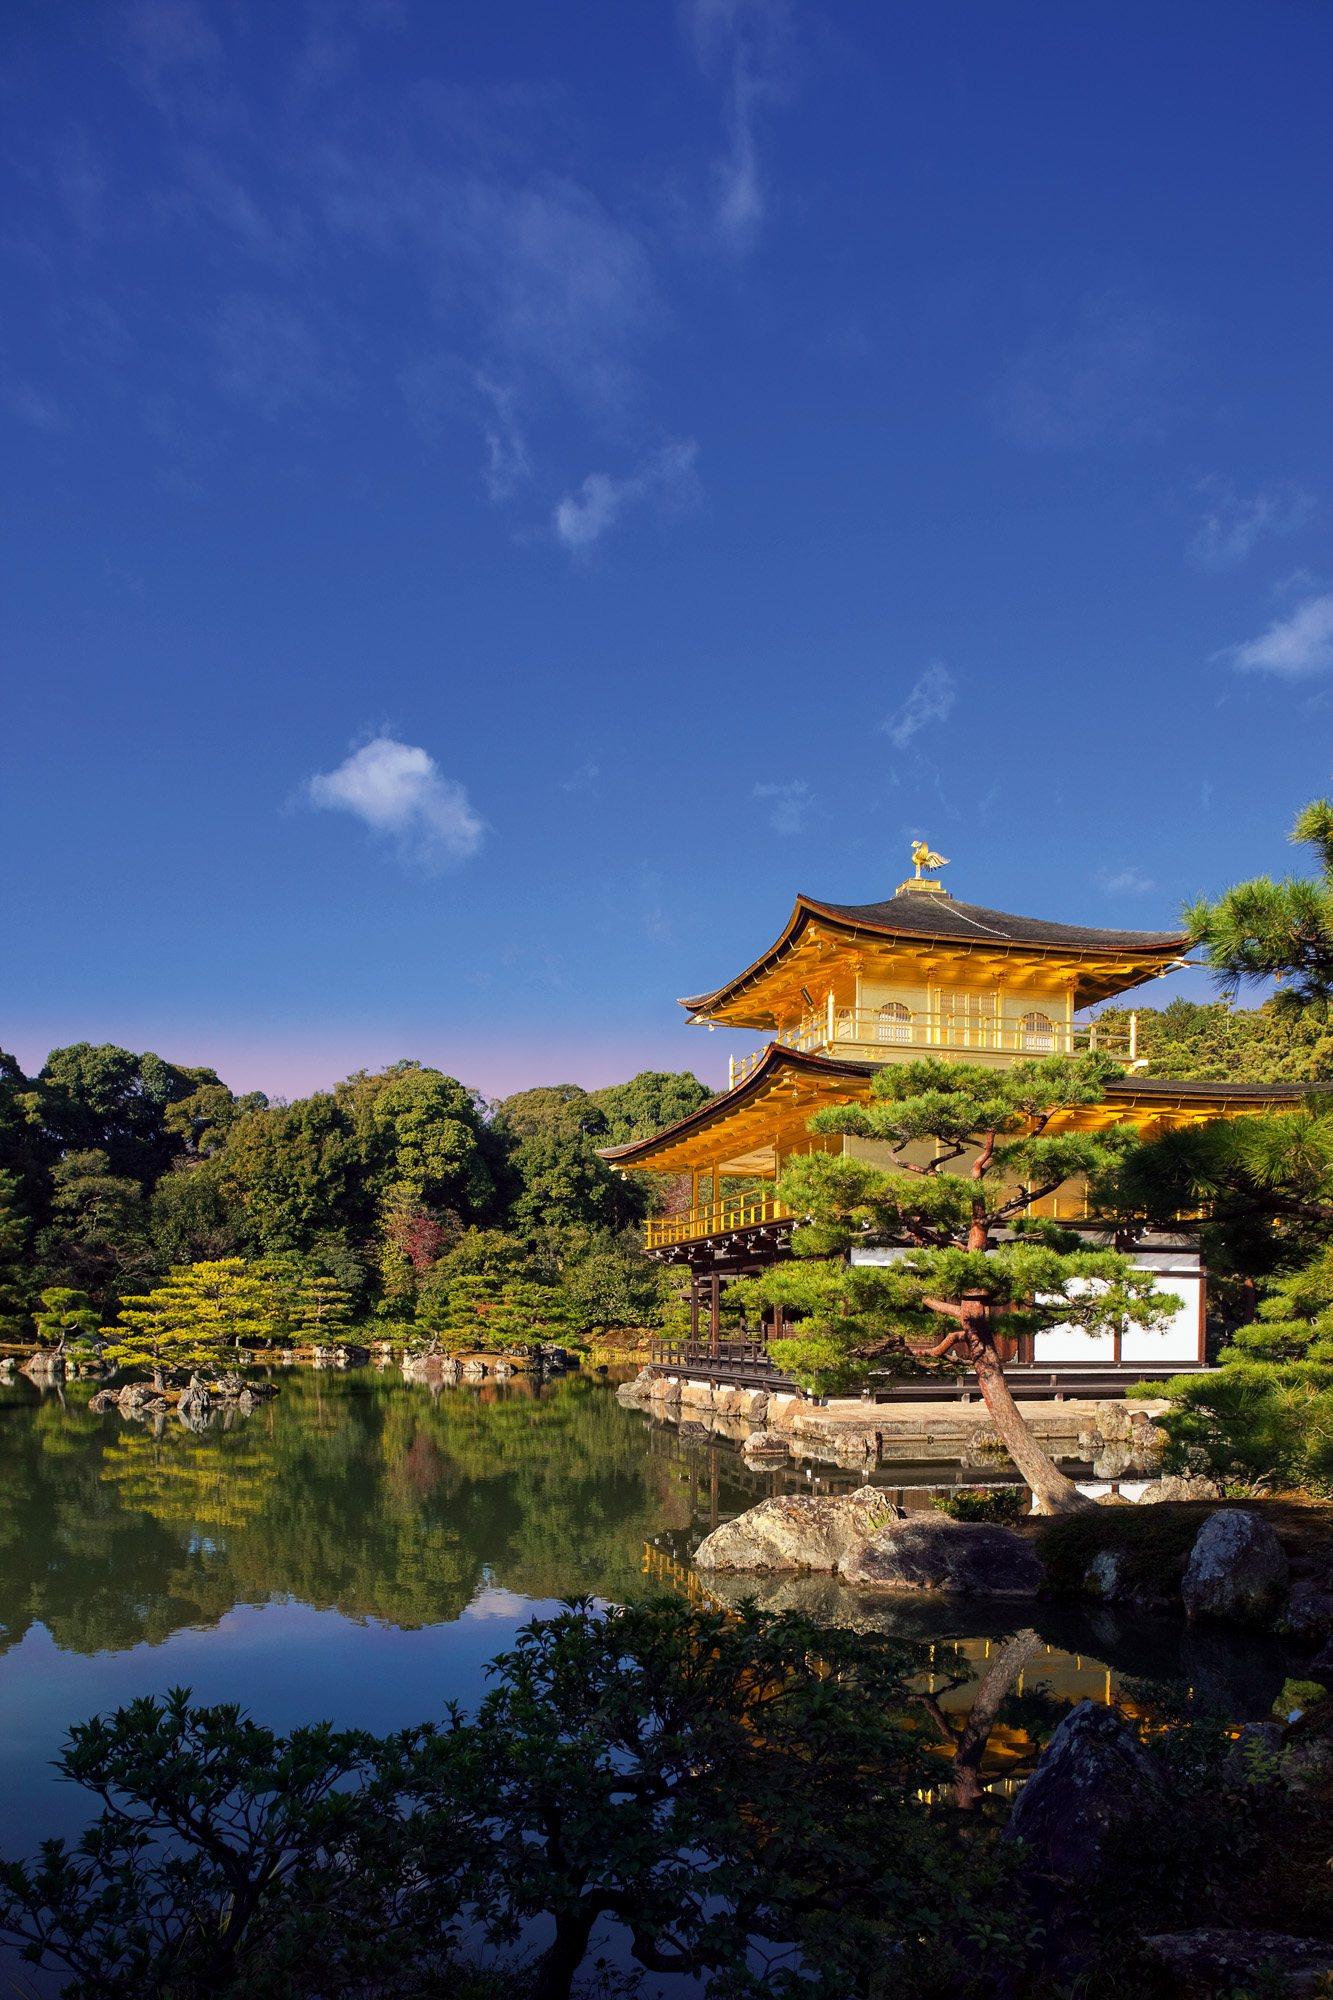 42-28051579. Kioto